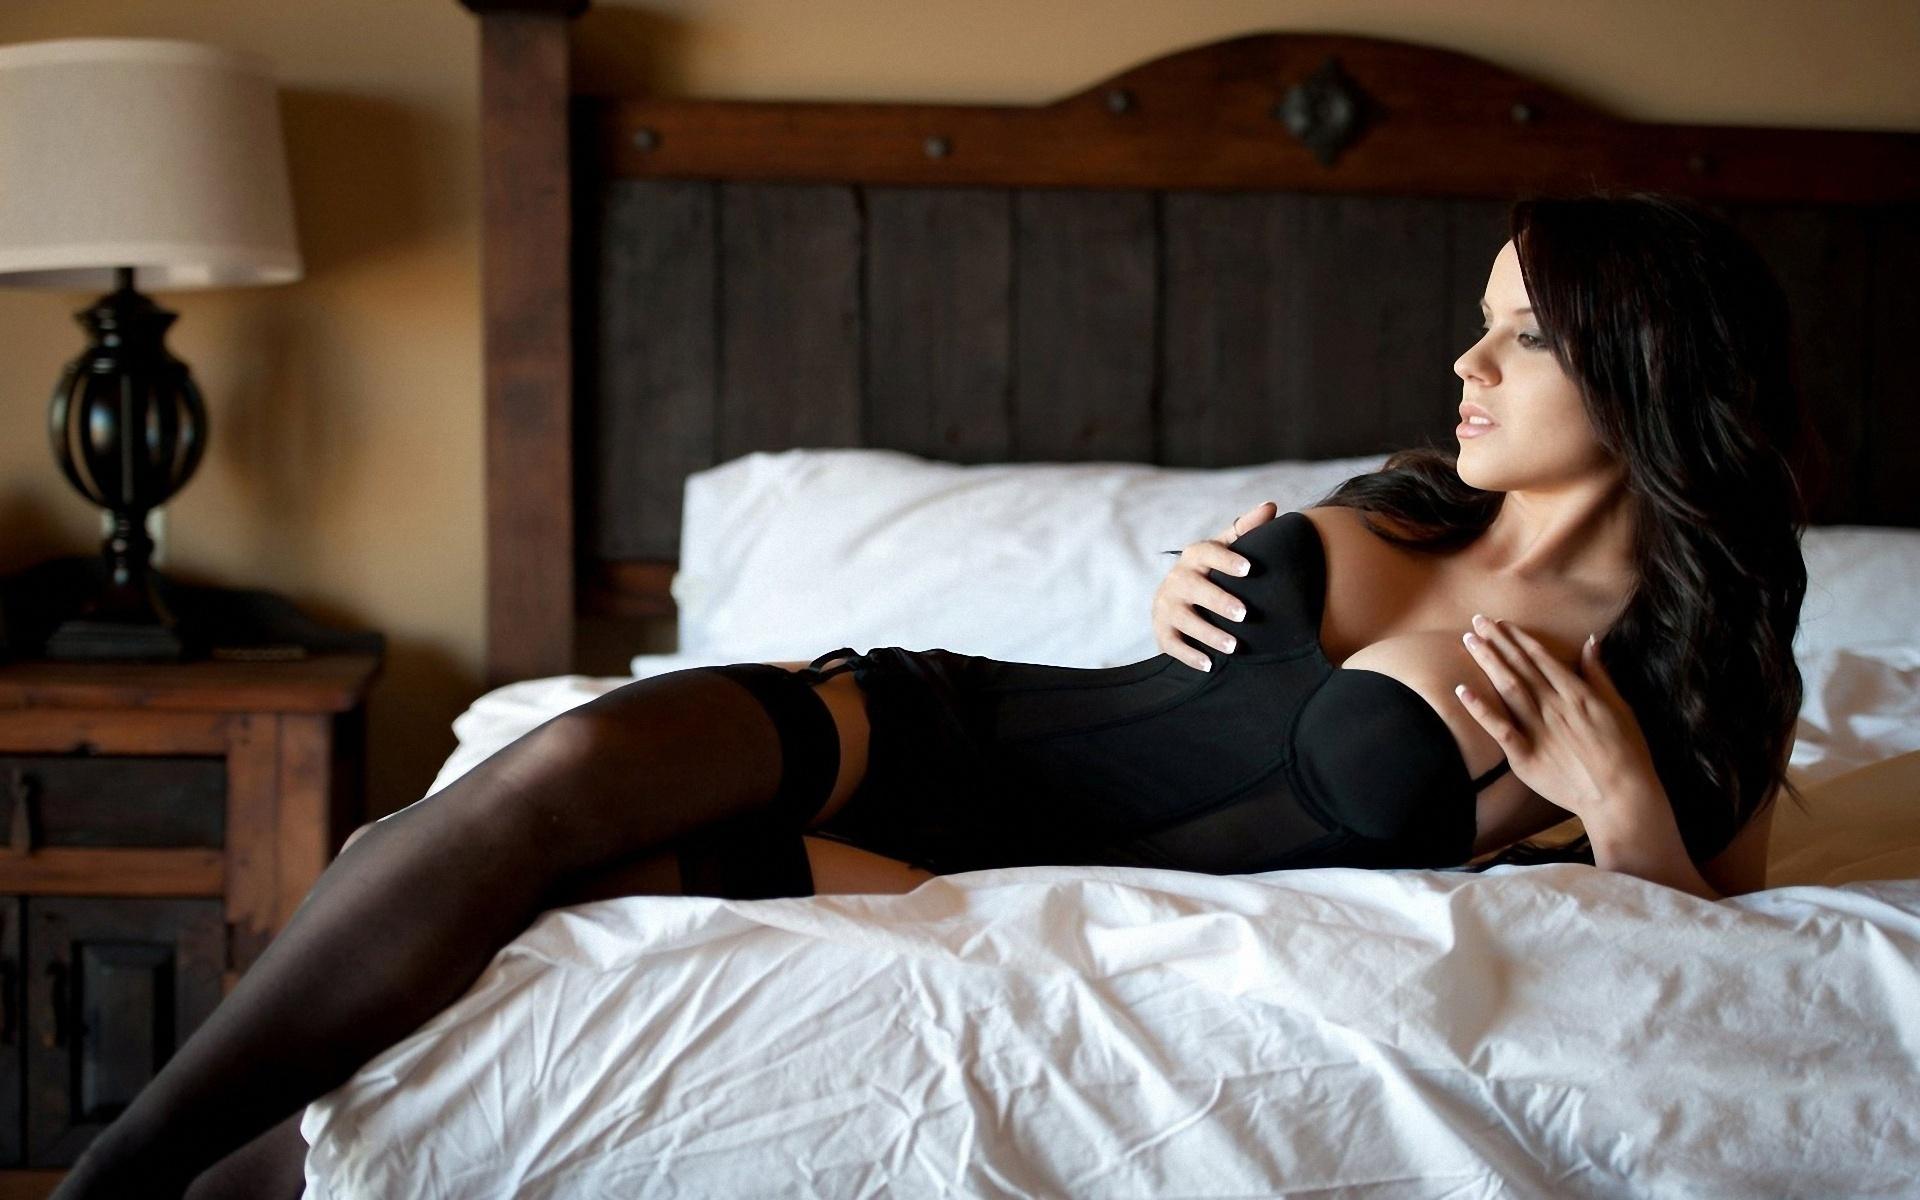 Сексуальные девушки на кровати фото 1 фотография